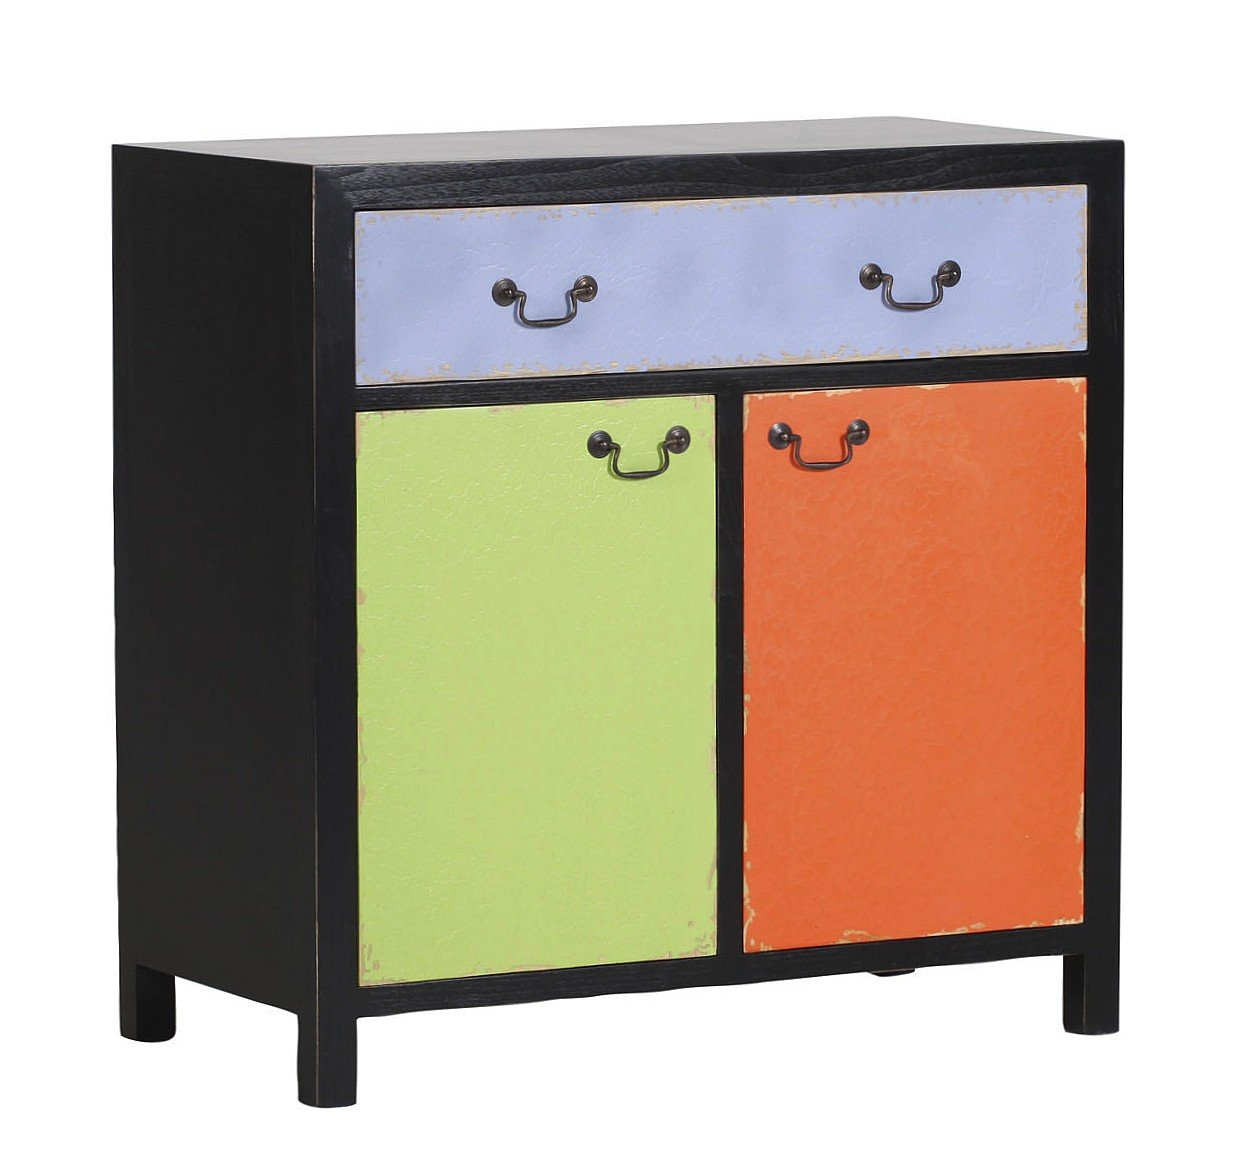 IOVIVO Kommode Smile mit 2 Türen und 1 Schublade, teilmassiv, Korpus schwarz